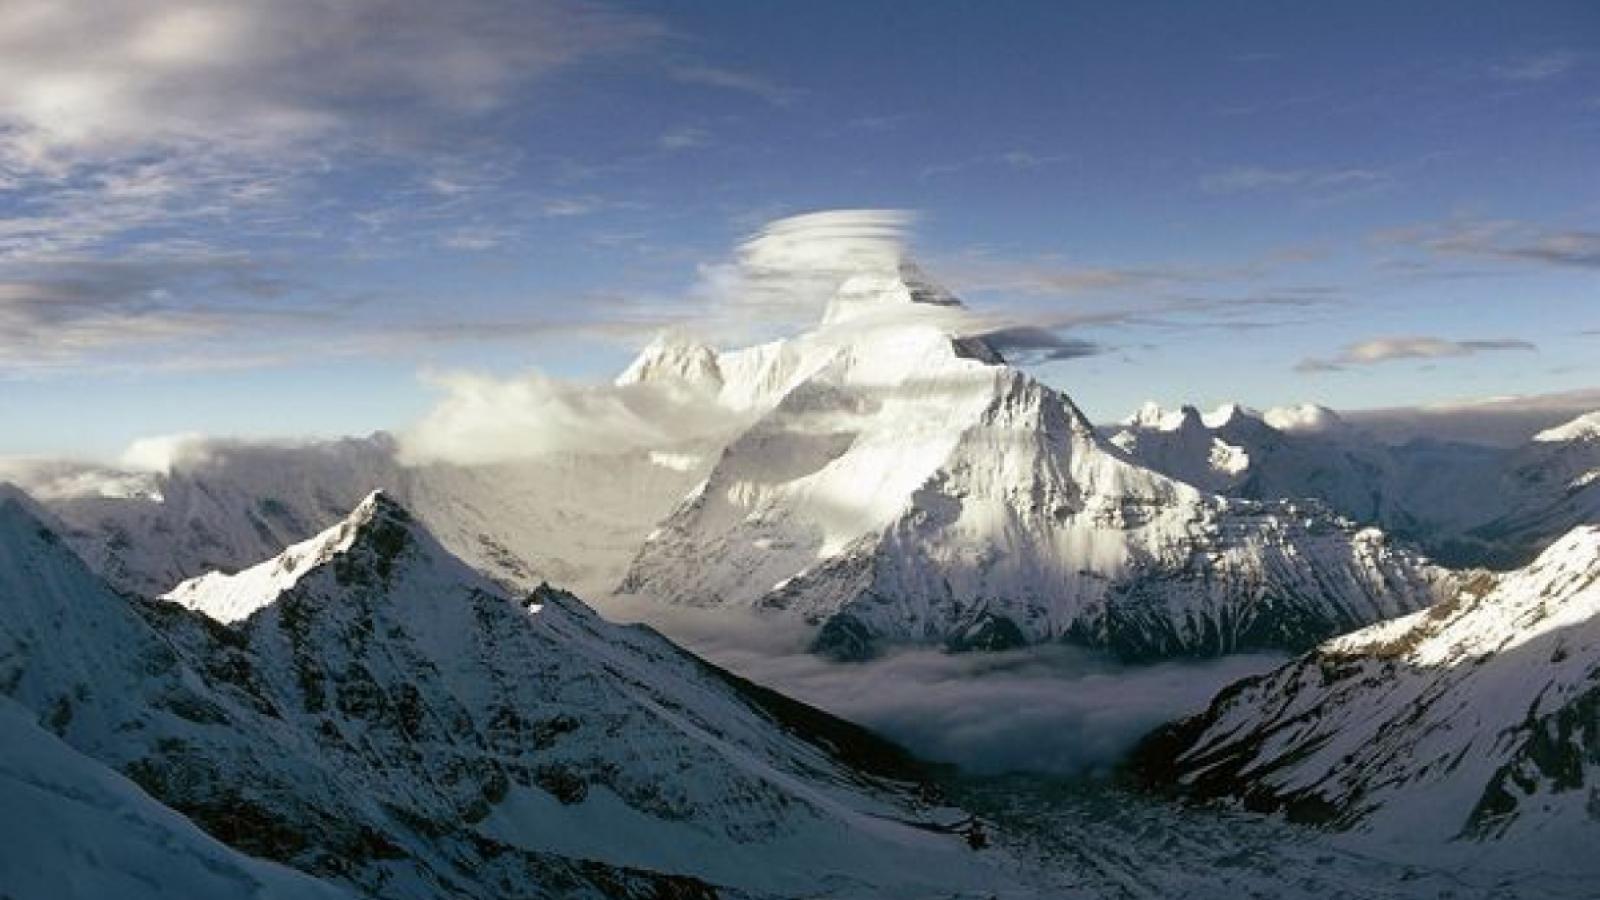 Ấn Độ tìm thấy 10 thi thể đầu tiên trong vụ lở tuyết trên dãy Himalaya